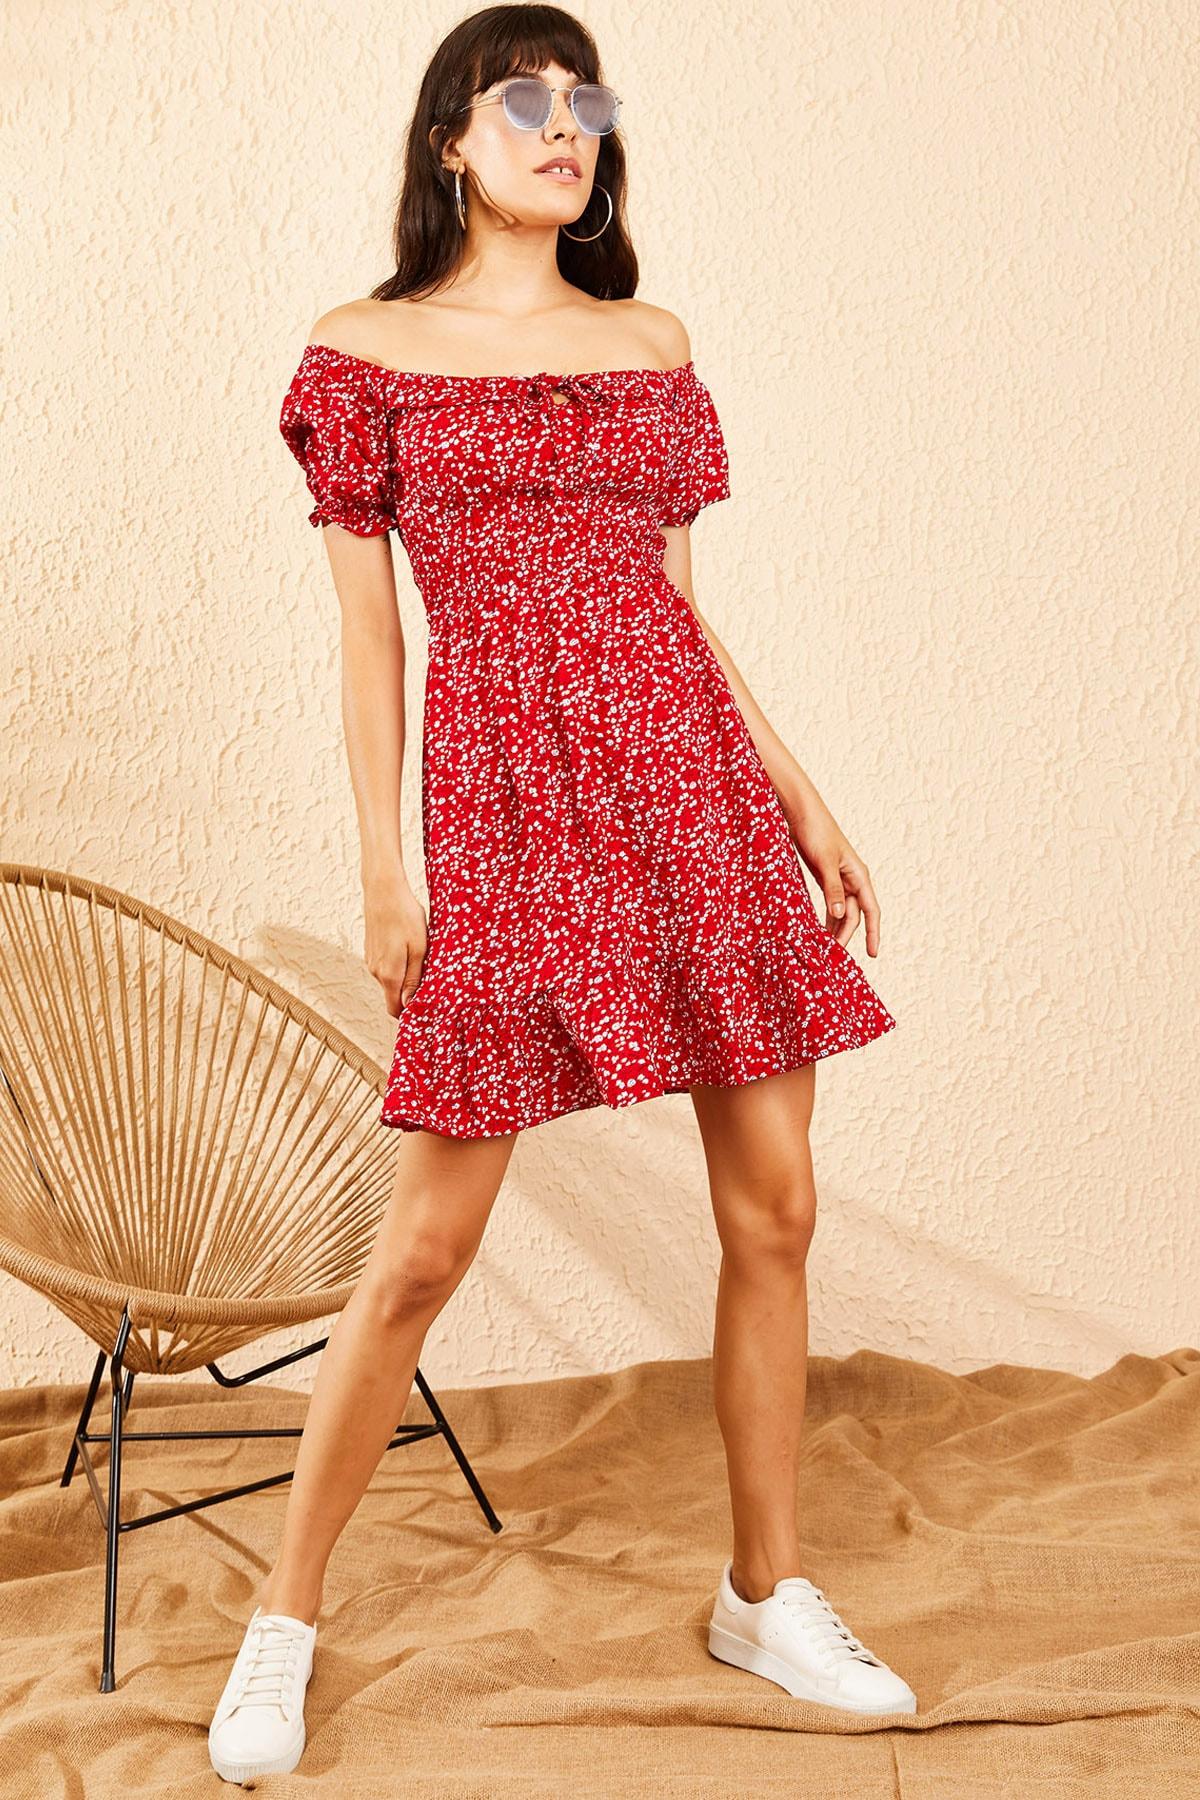 Bianco Lucci Kadın Kırmızı Gipeli İp Askılı Küçük Çiçek Desenli Elbise 10091046 2